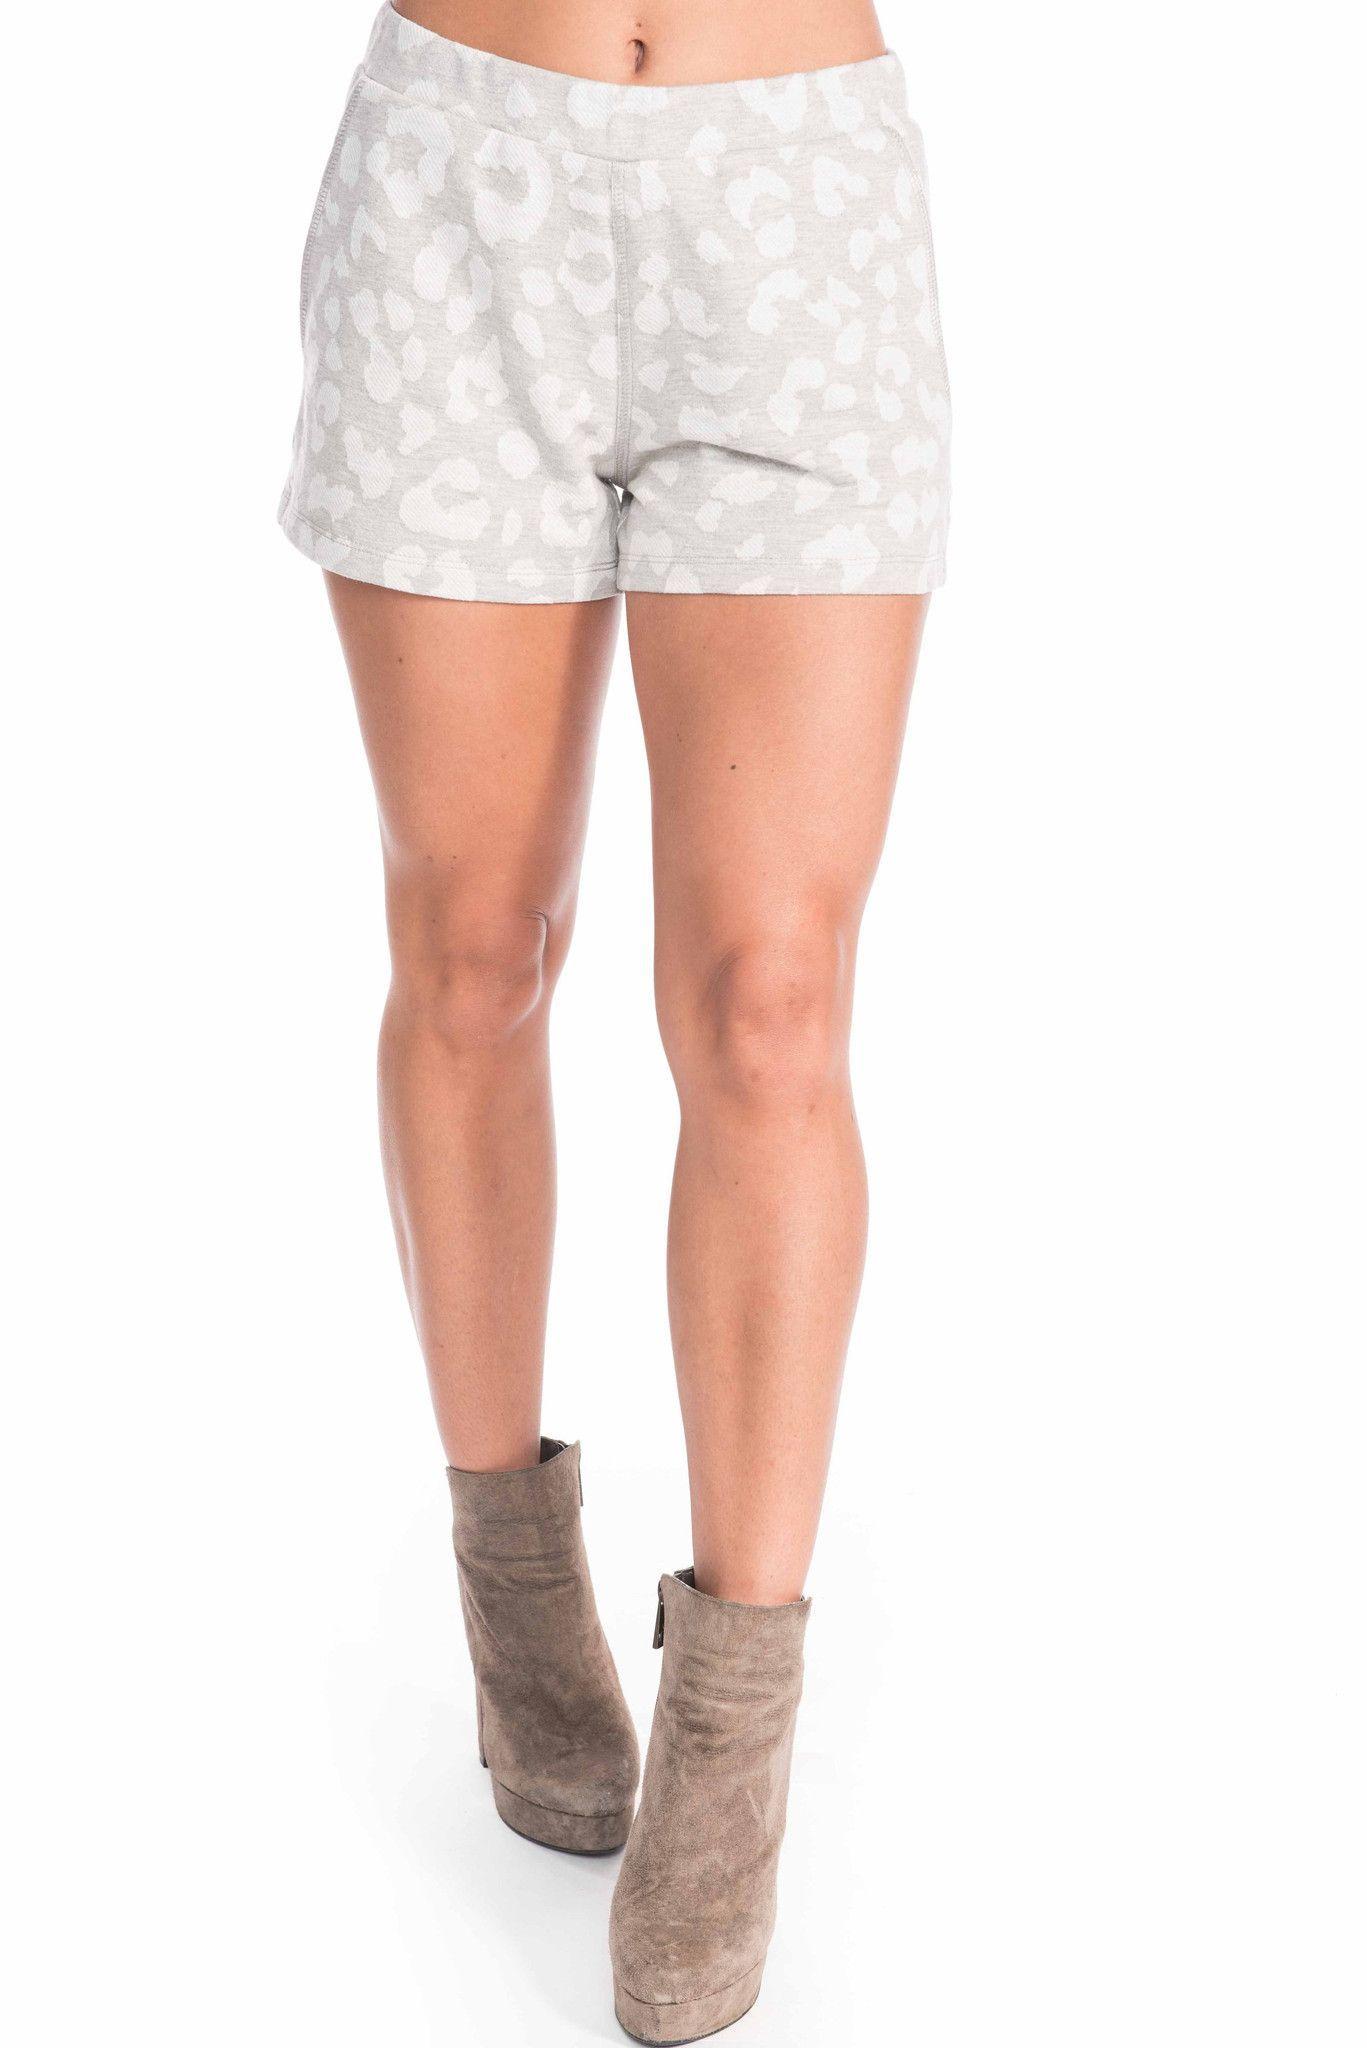 Fallon Leopard Shorts